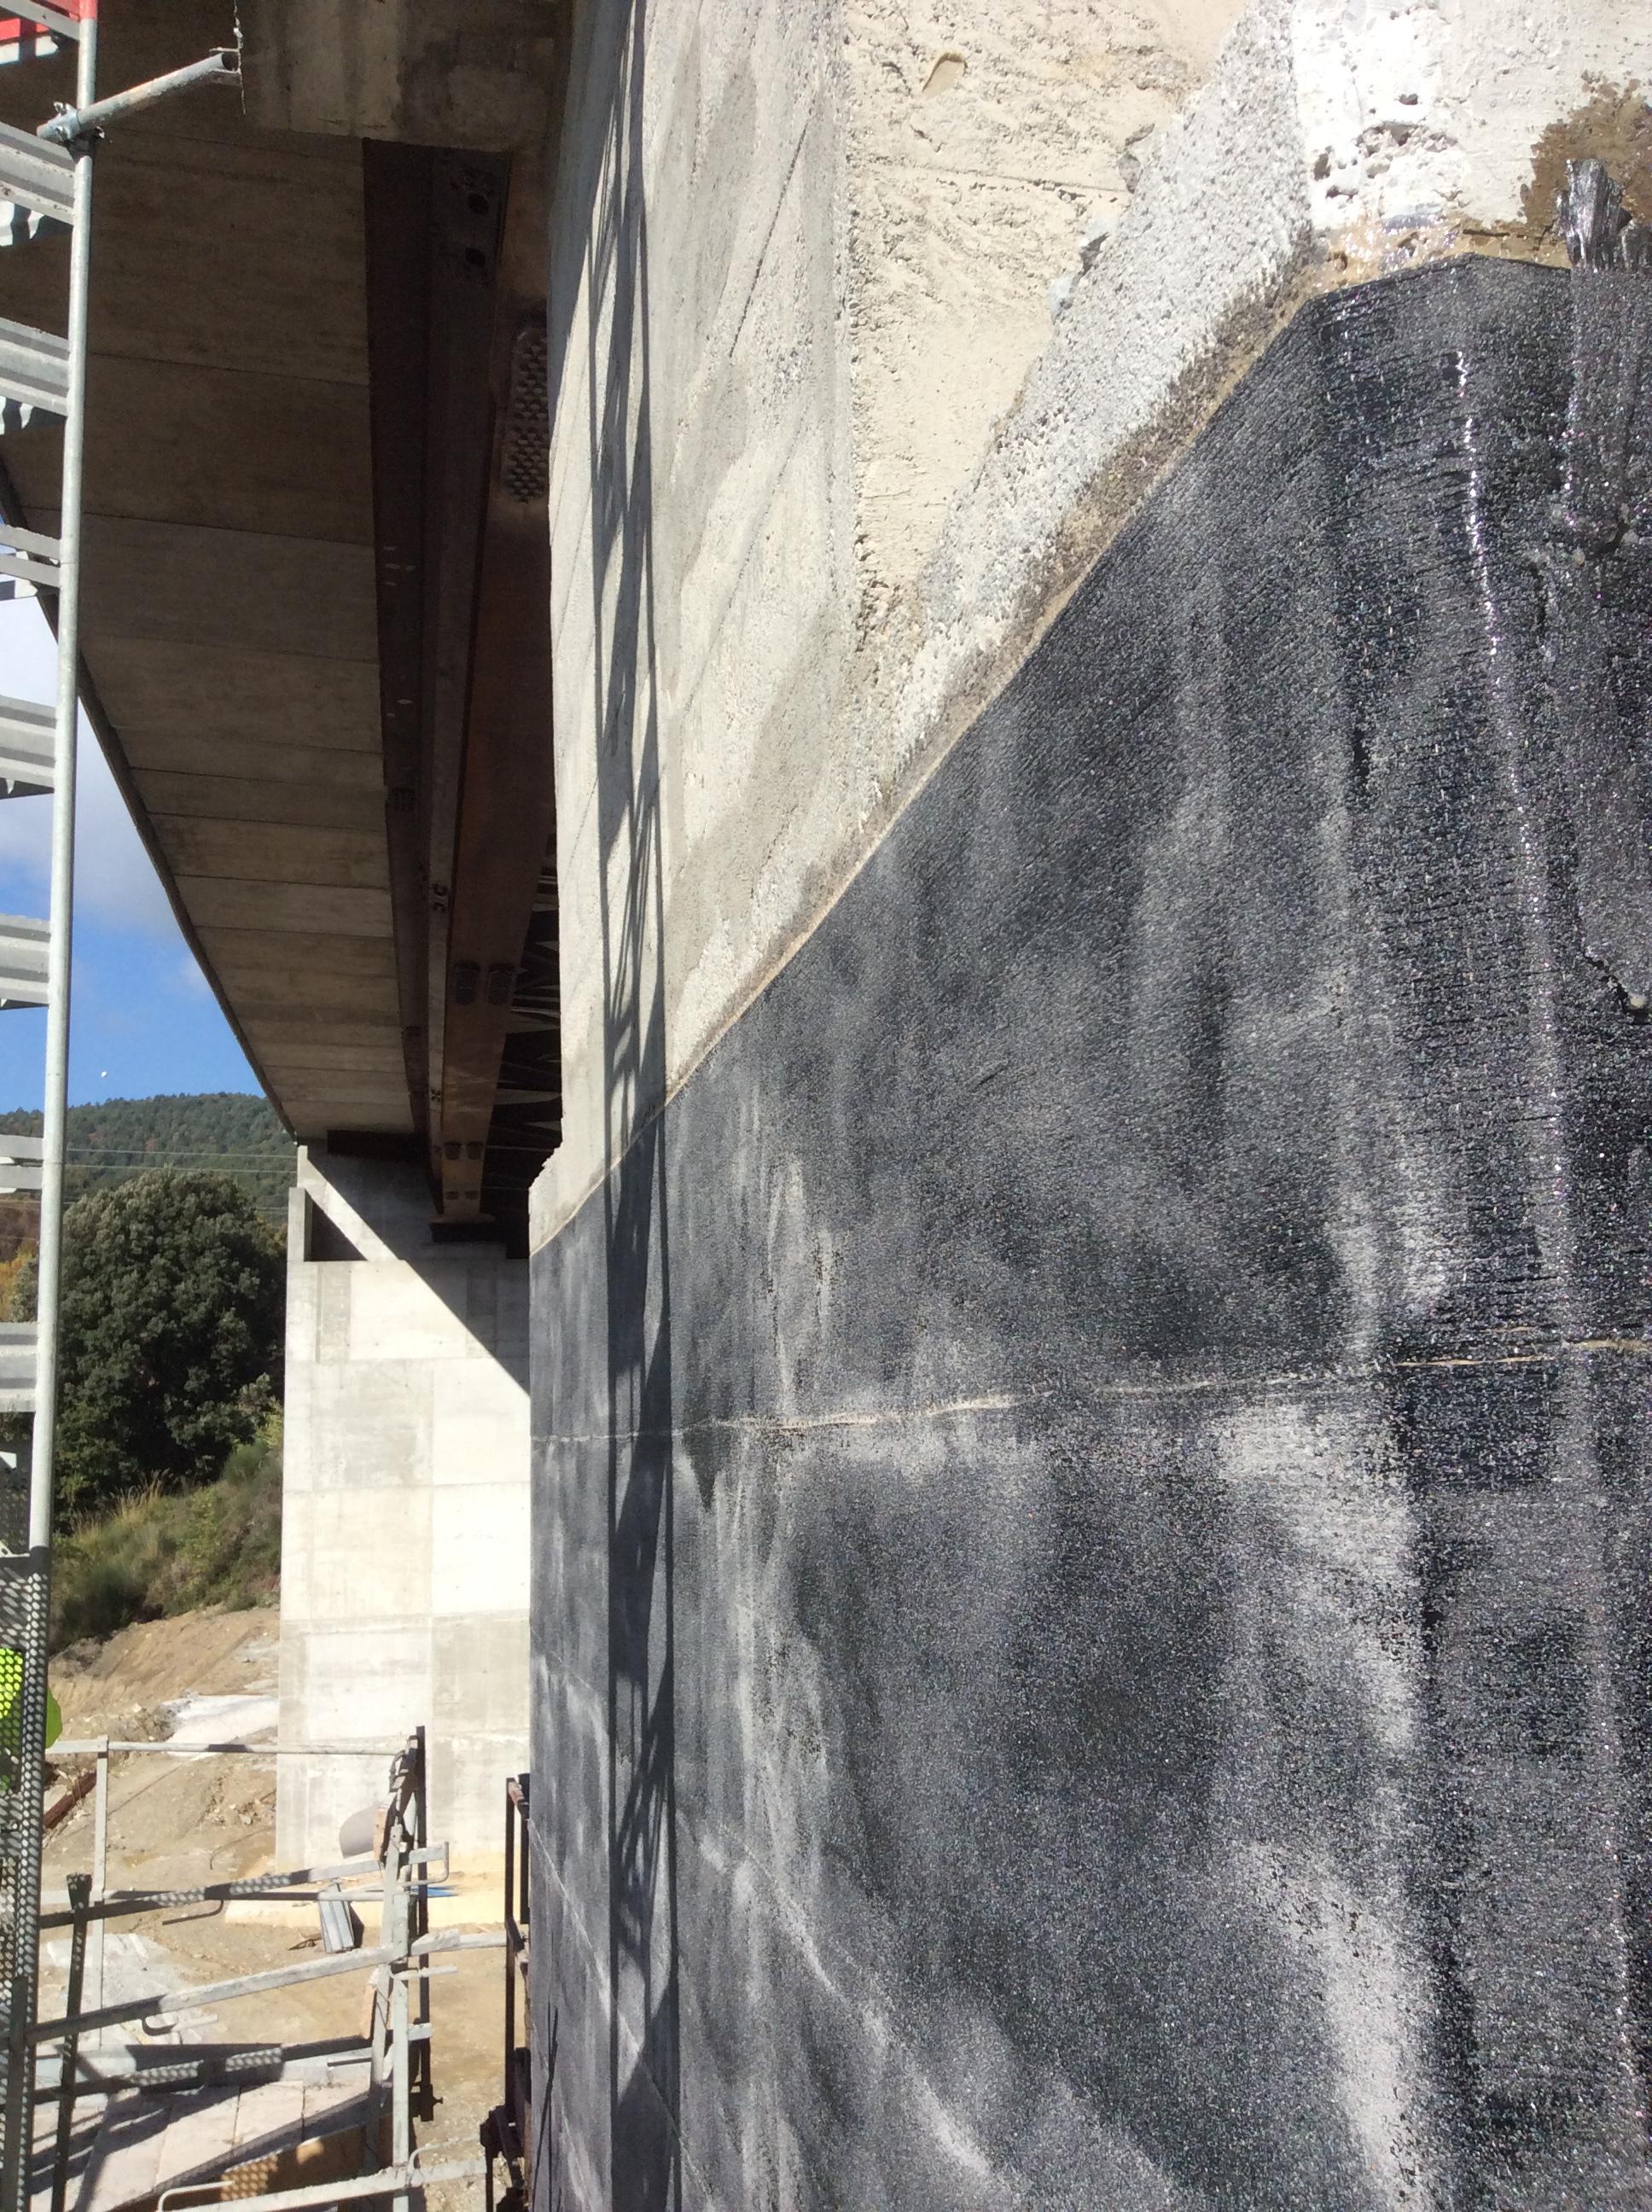 Viadotto Jannello, rinforzo in fibra di carbonio